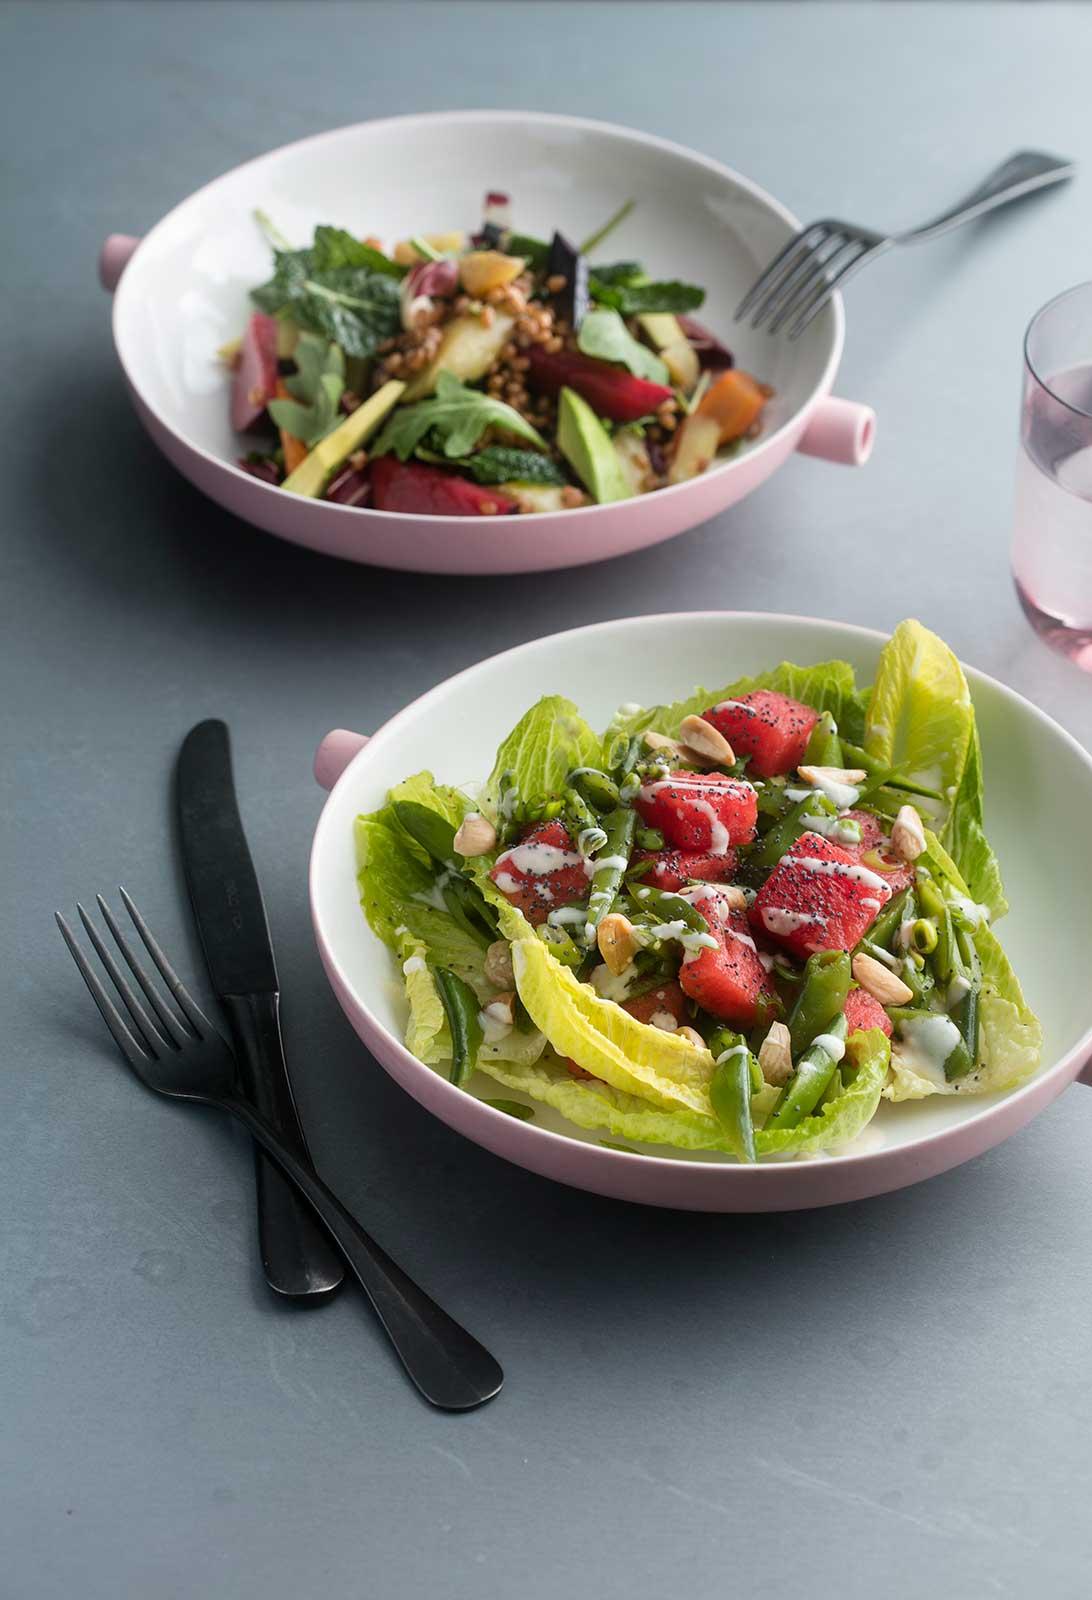 Blackbarn-Salads-02.jpg